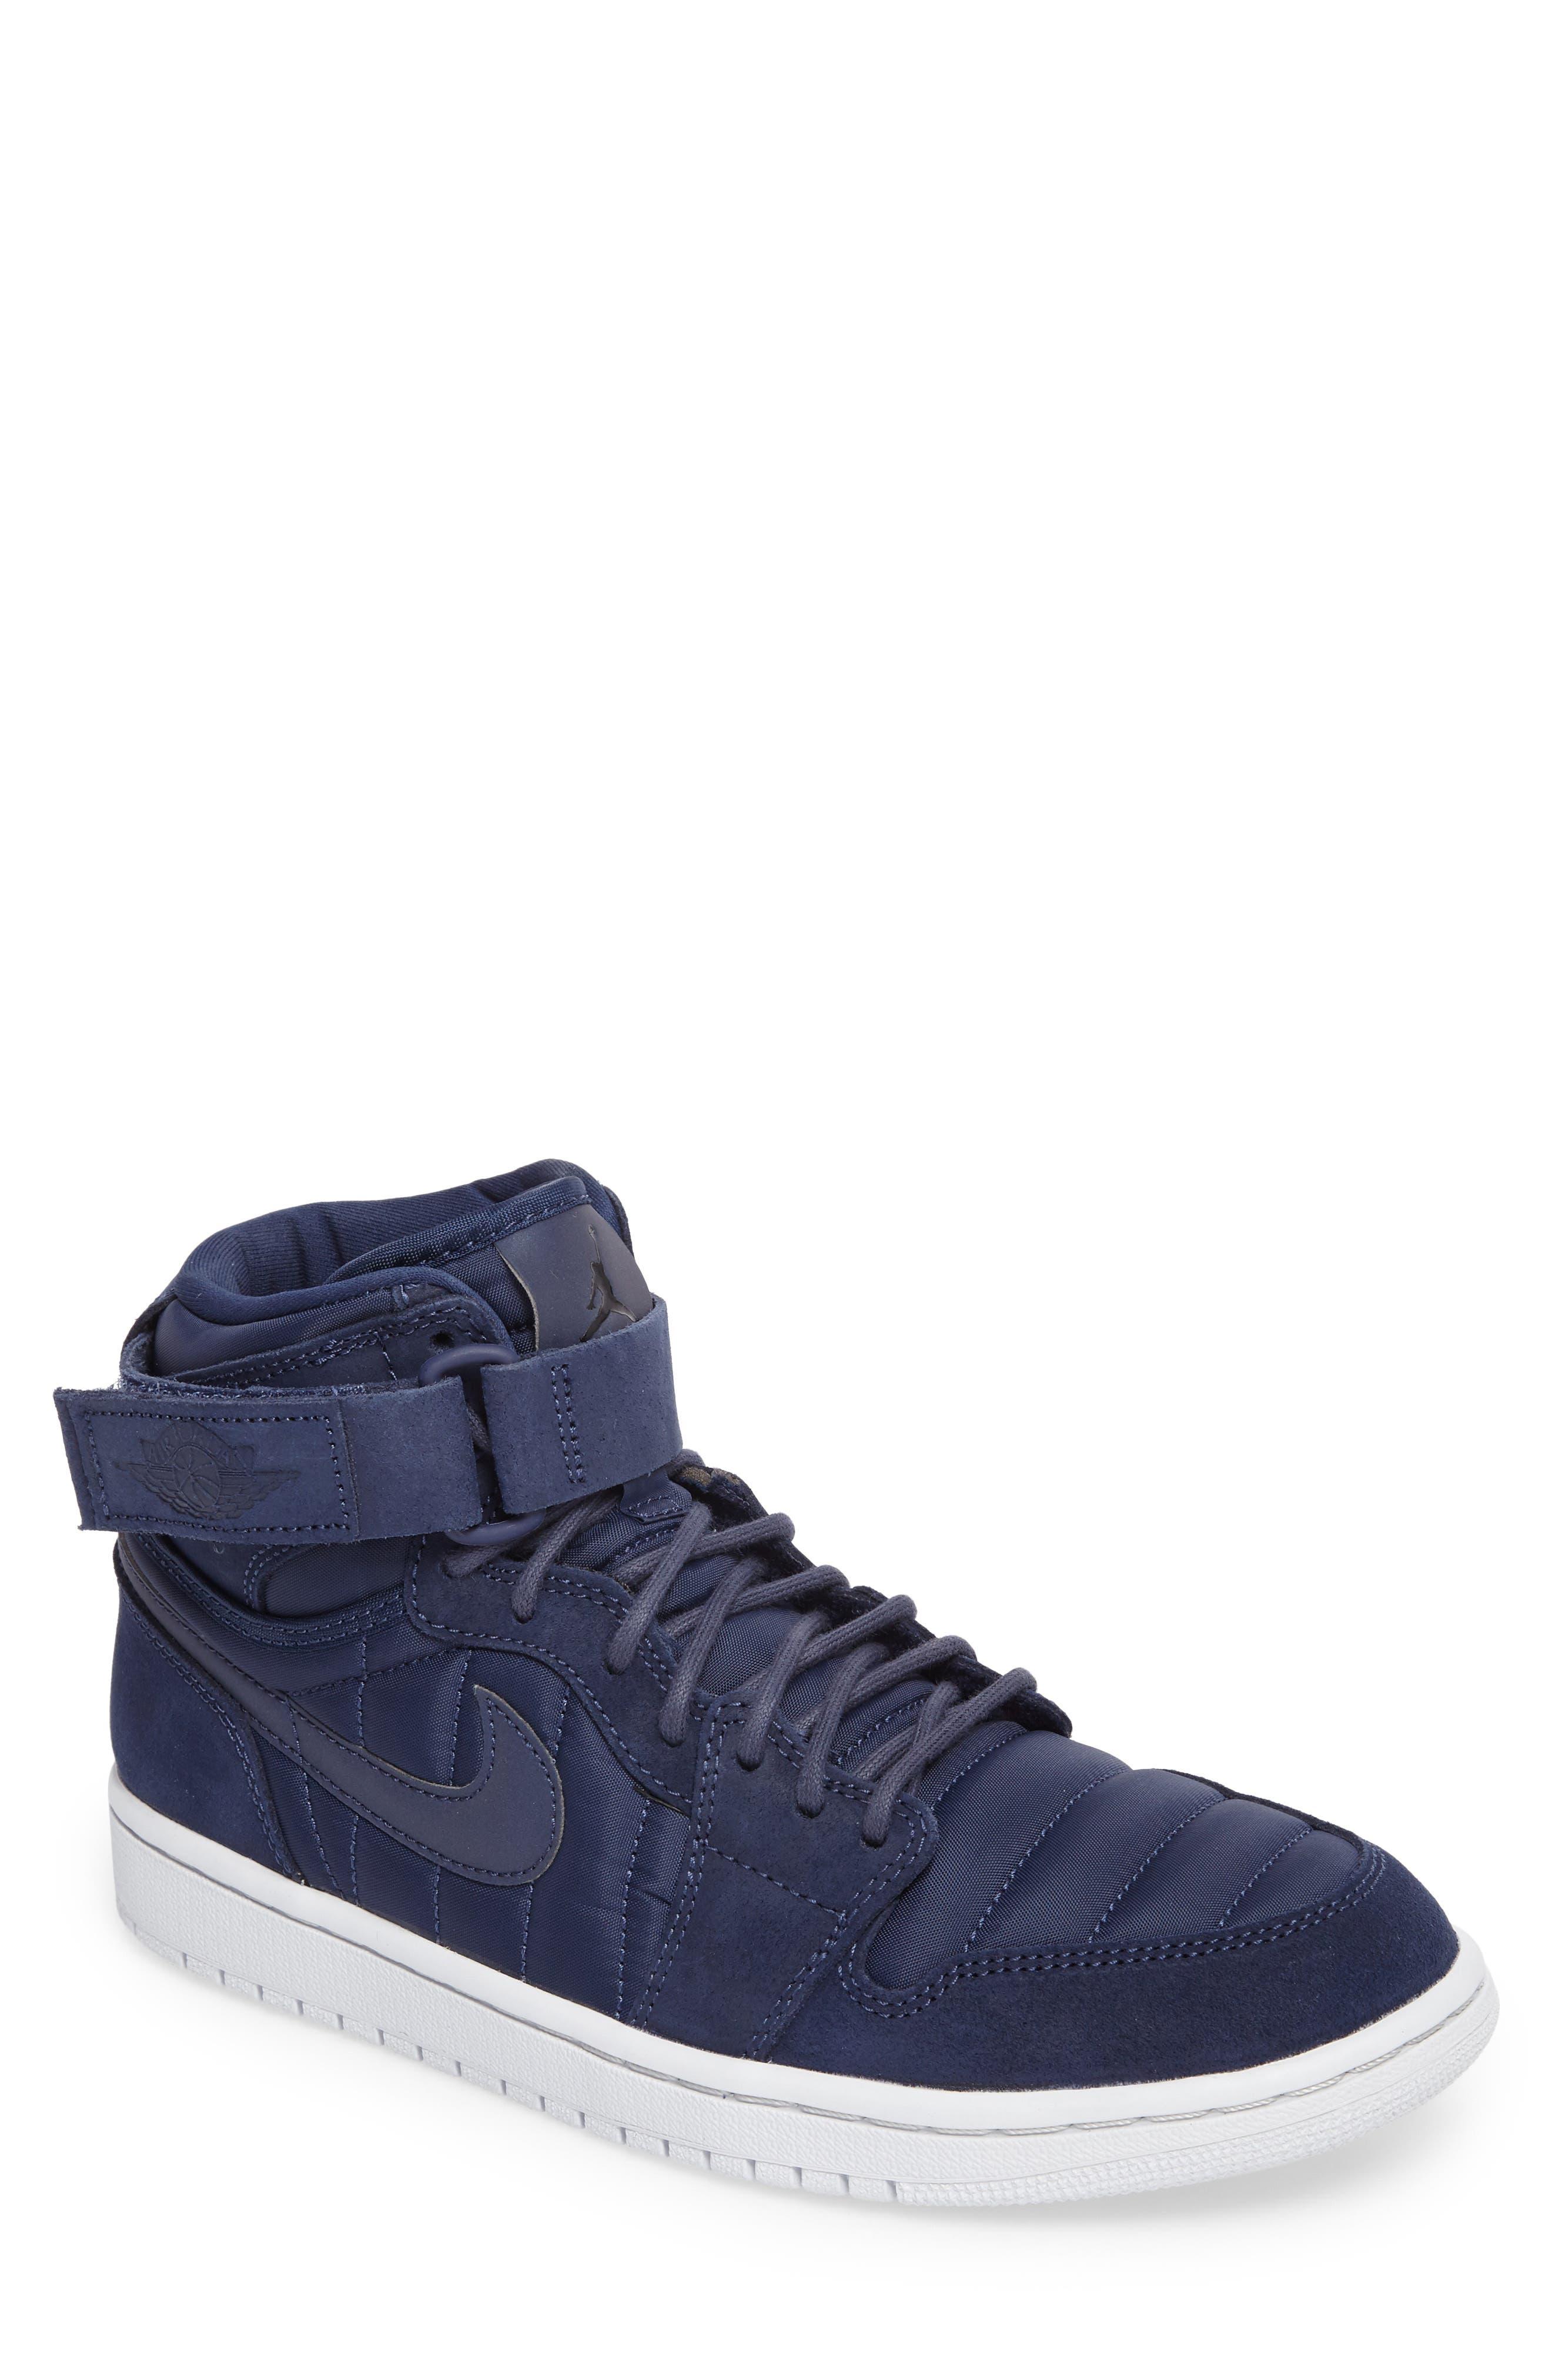 Main Image - Nike Air Jordan 1 Sneaker (Men)